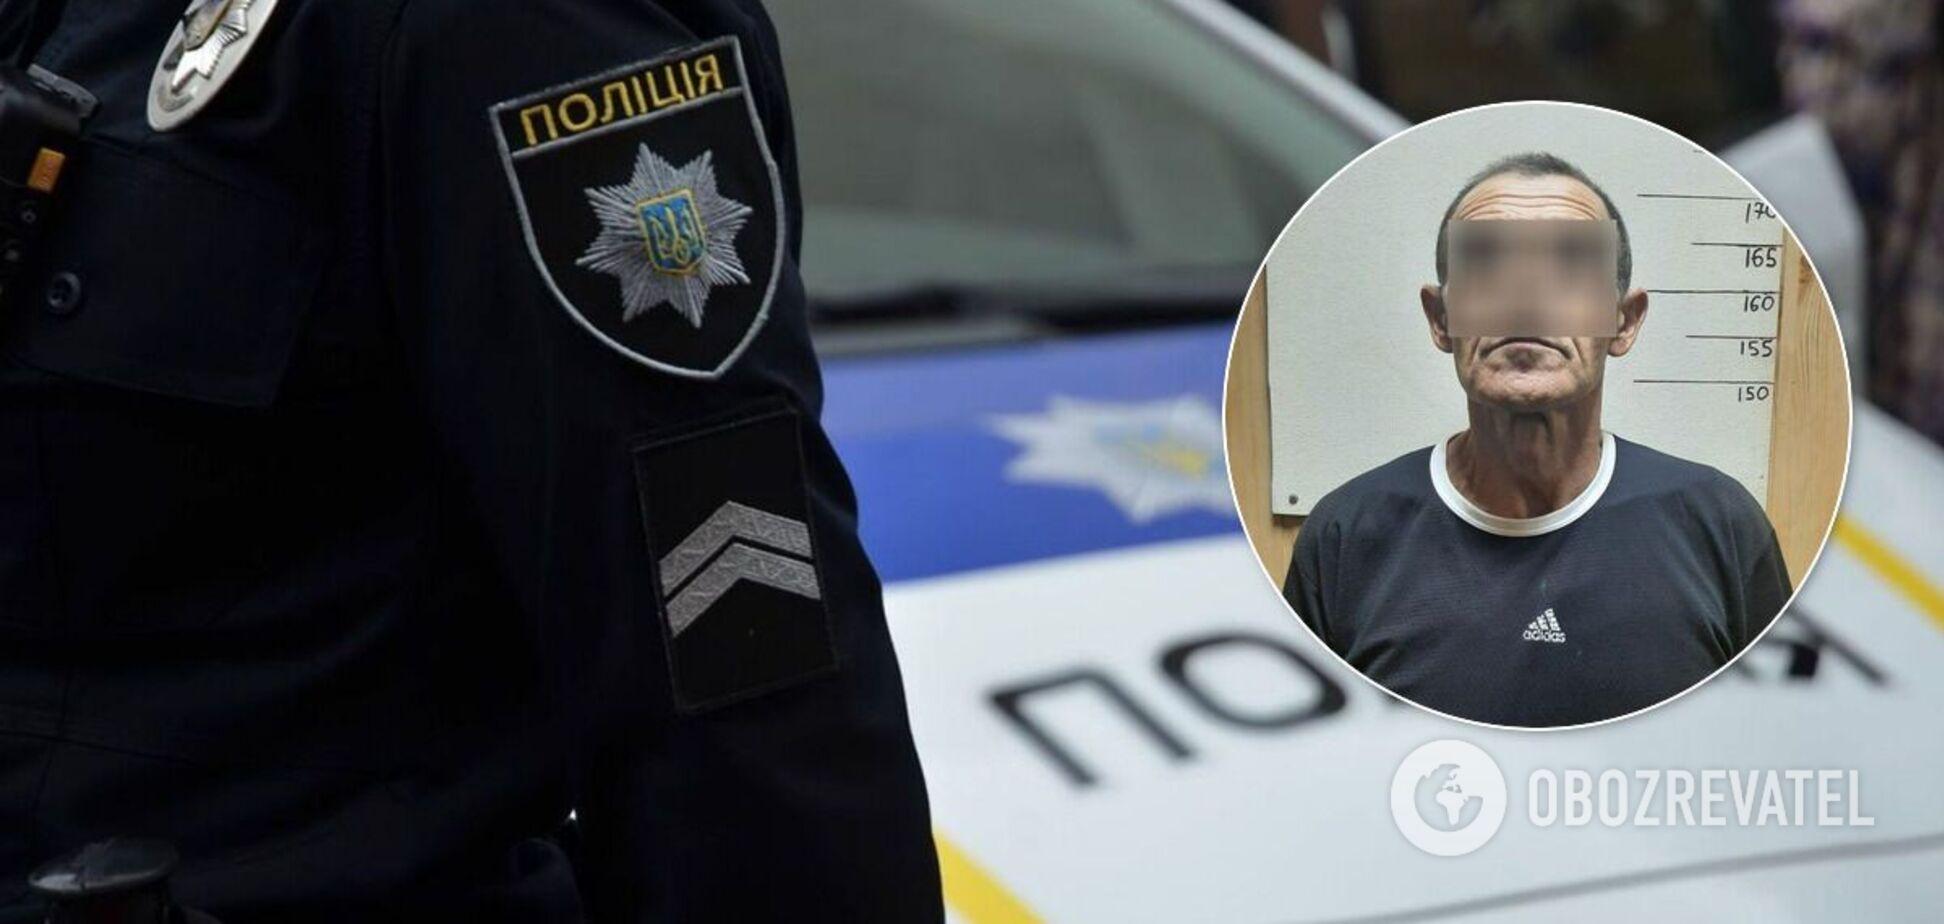 Полиция задержала подозреваемого в двойном убийстве в Николаеве